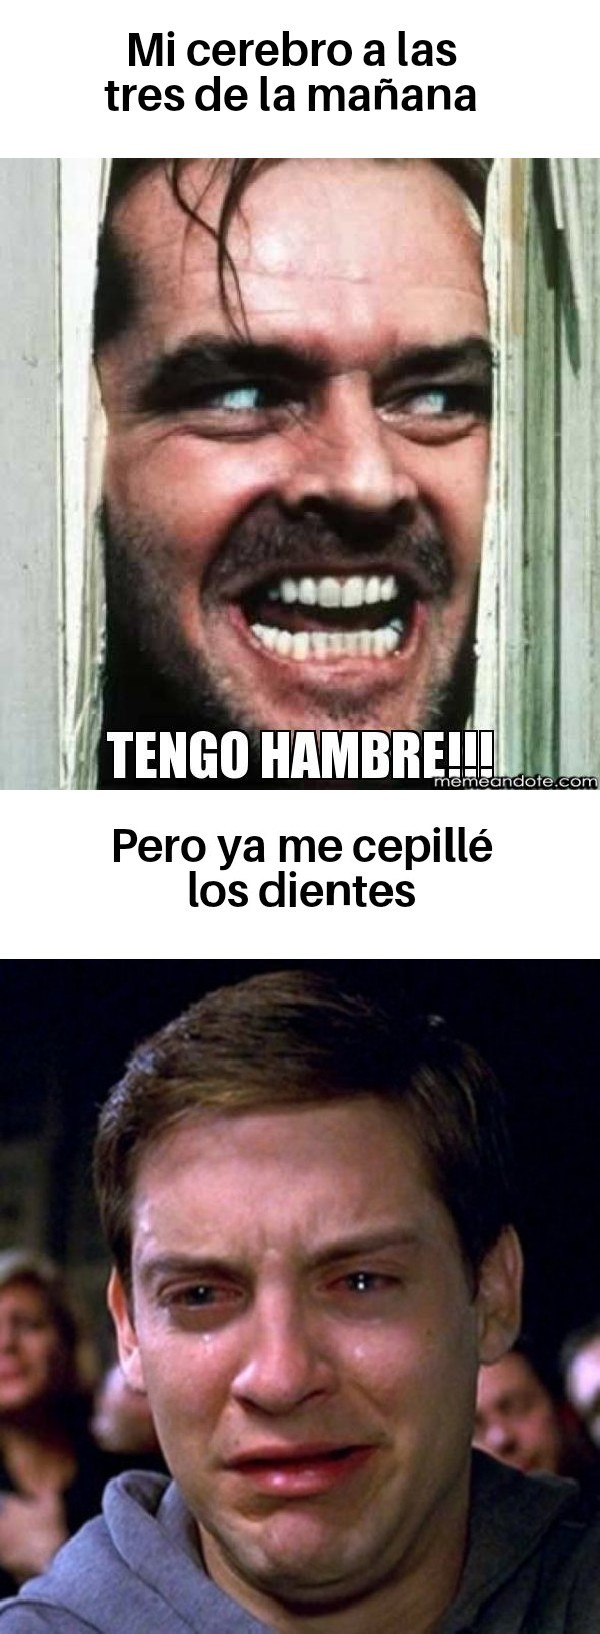 En España son las 3 ahora - meme